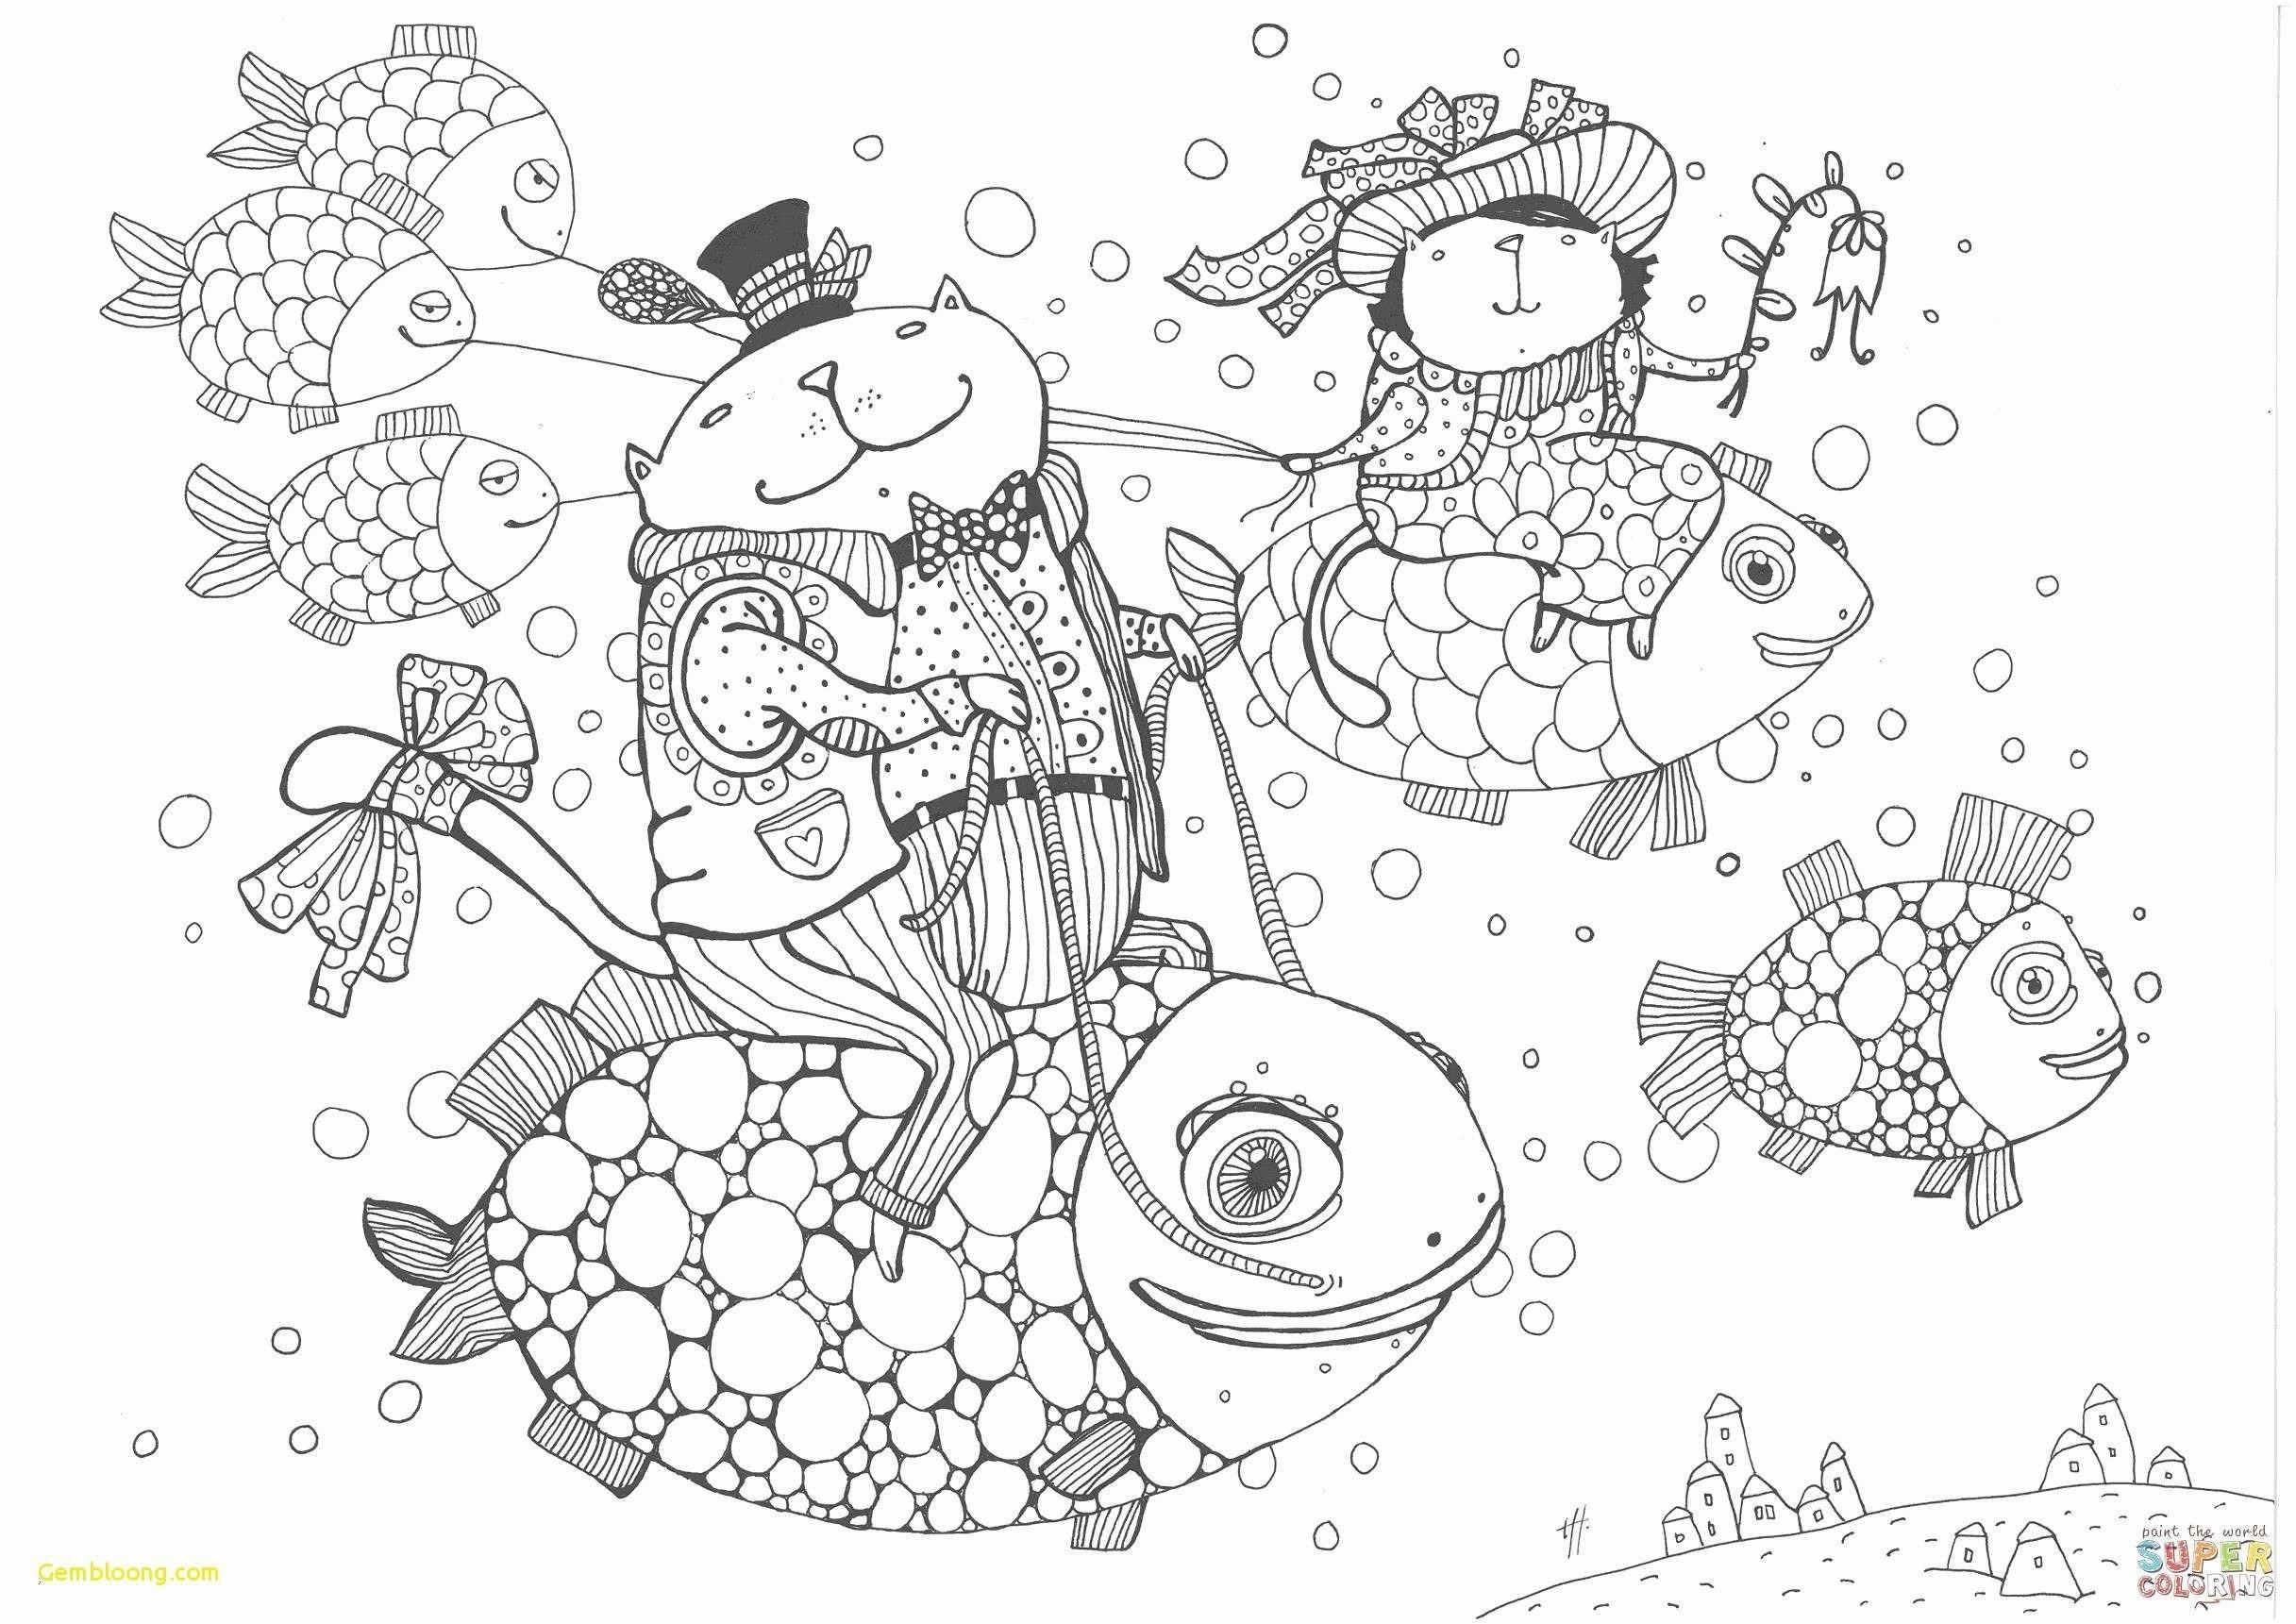 Fisch Zum Ausdrucken Neu Fisch Malbuch Wunderbar 32 Fisch Ausmalbilder Zum Ausdrucken Galerie